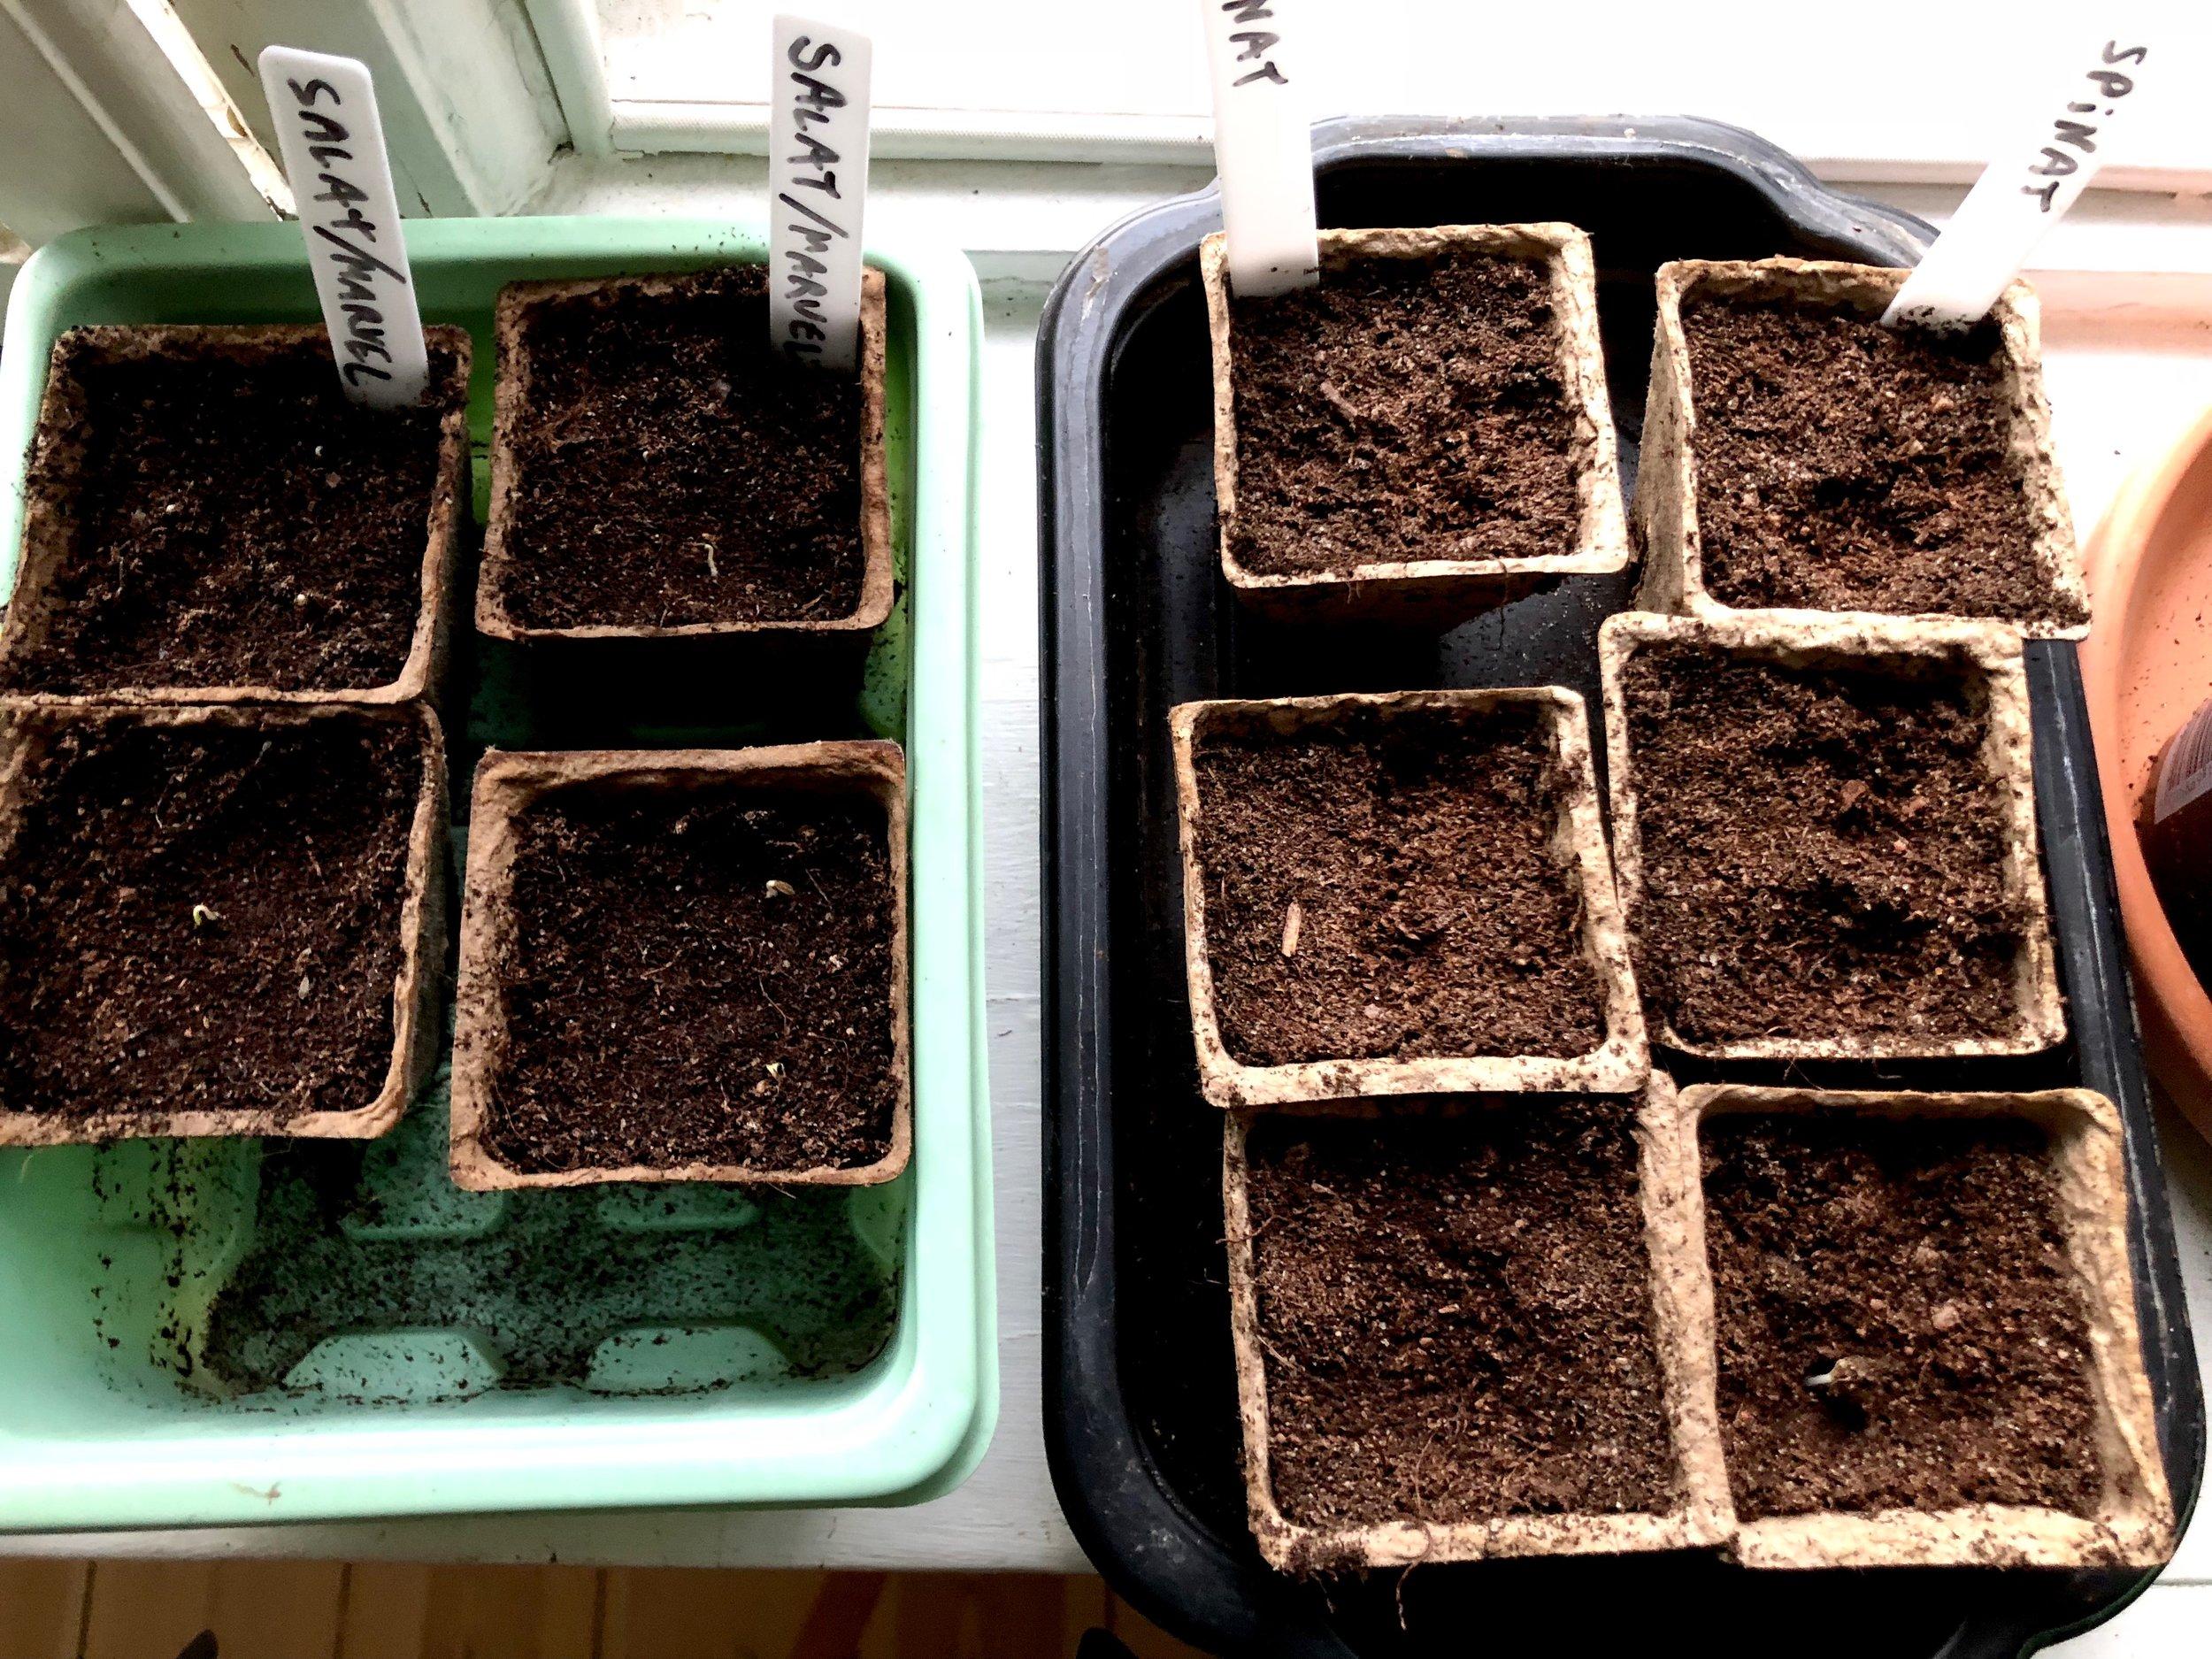 Forspiring af salat og spinat. I dag er planterne et par centimeter høje. Jeg har flyttet halvdelen ud i drivbænk forleden dag, og de har klaret de første nætter fint, så resten flytter også ud i dag. Så har jeg plads til at starte næste hold planter i vindueskarmen.